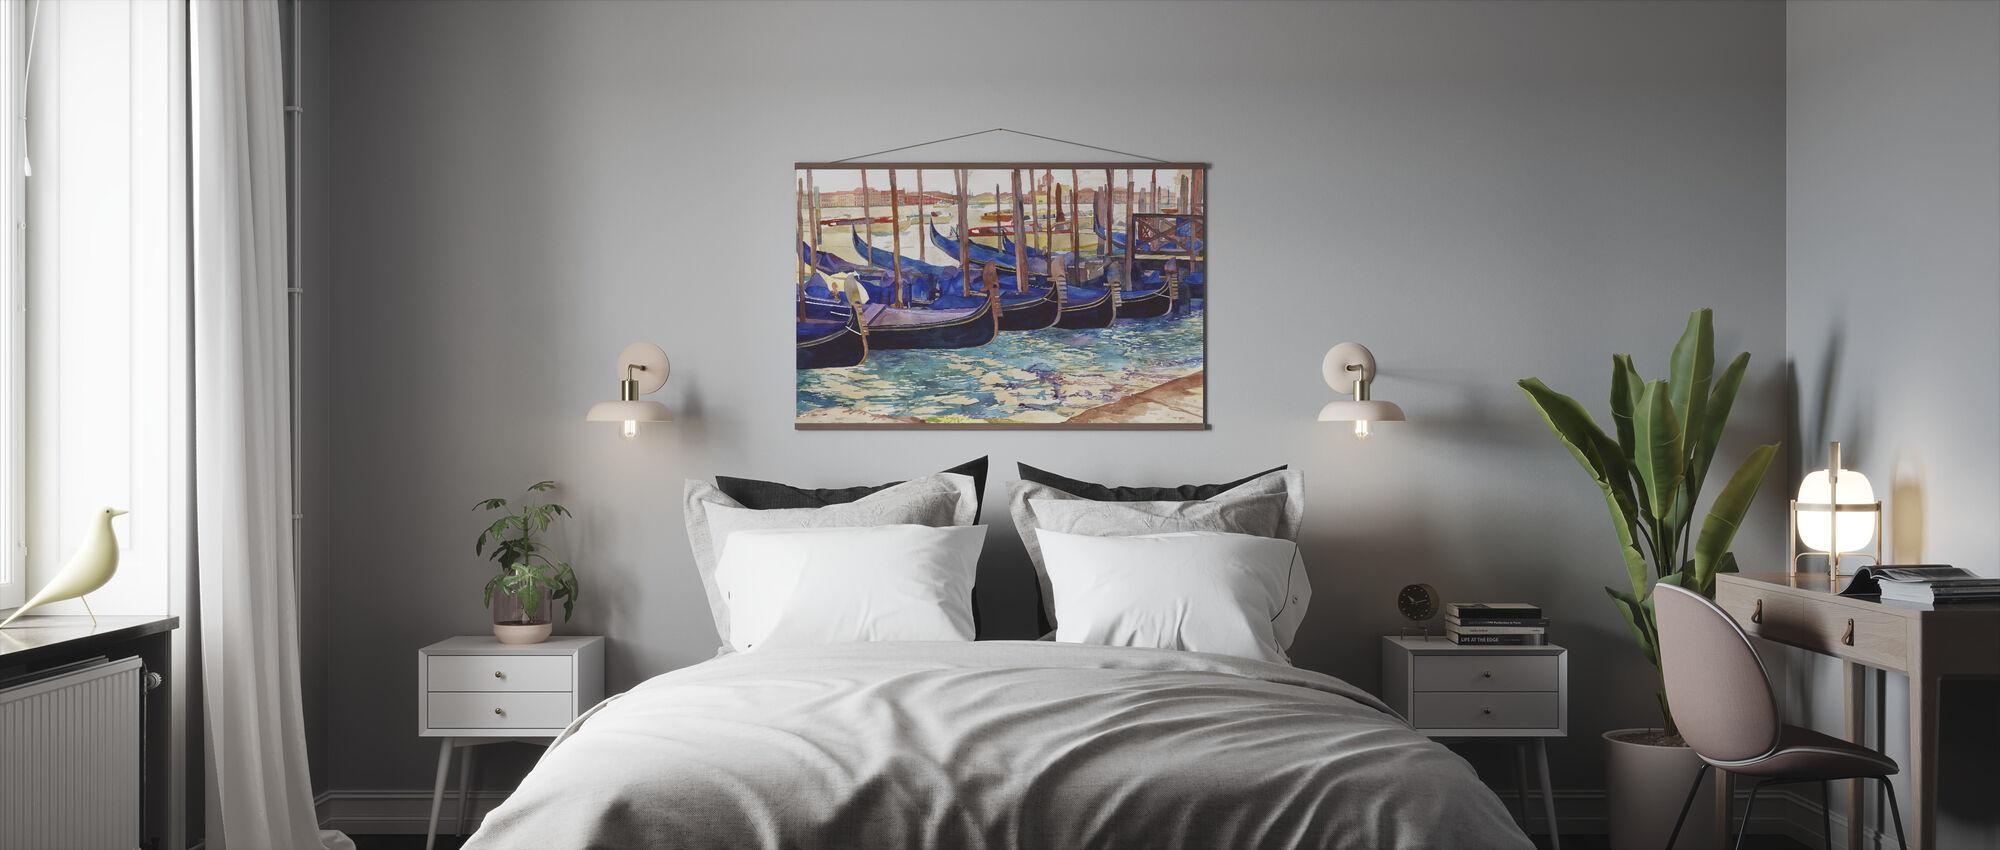 Gondolas in Venice - Poster - Bedroom